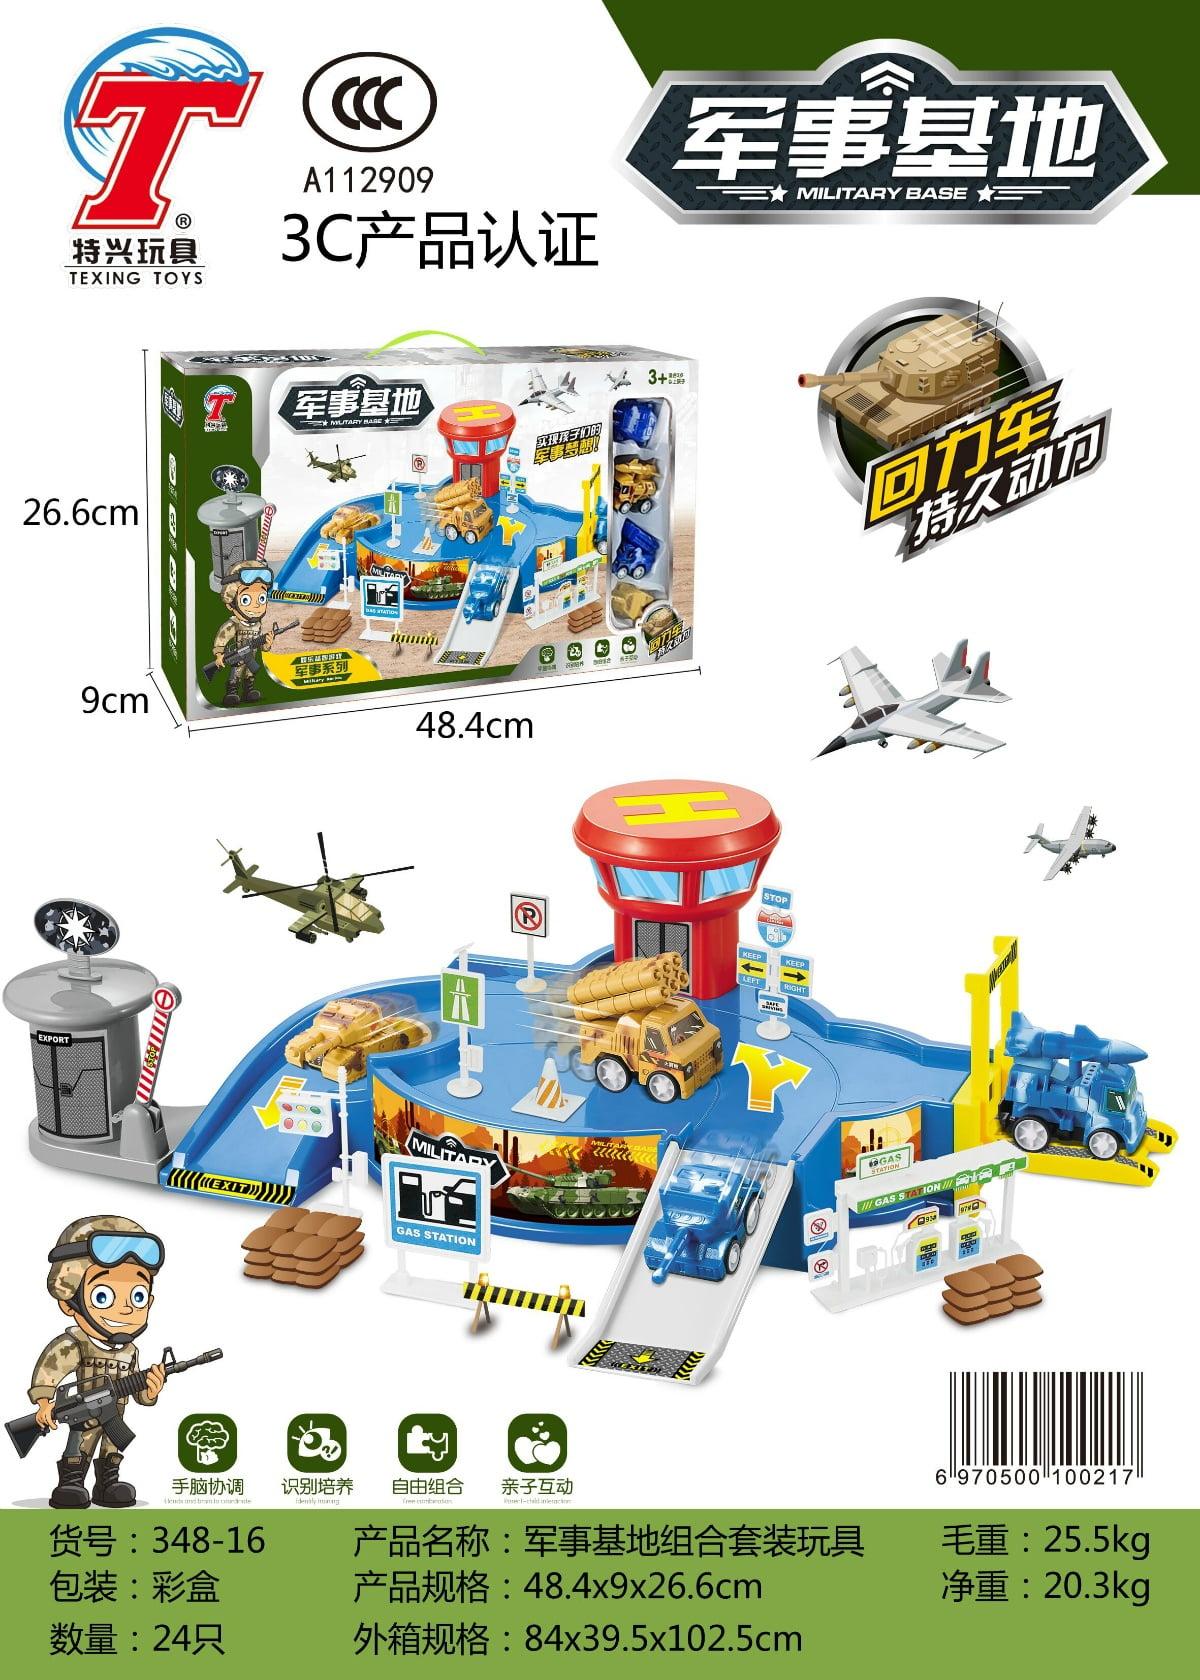 Παιδικό παιχνίδι για αγόρια - στρατιωτική βάση